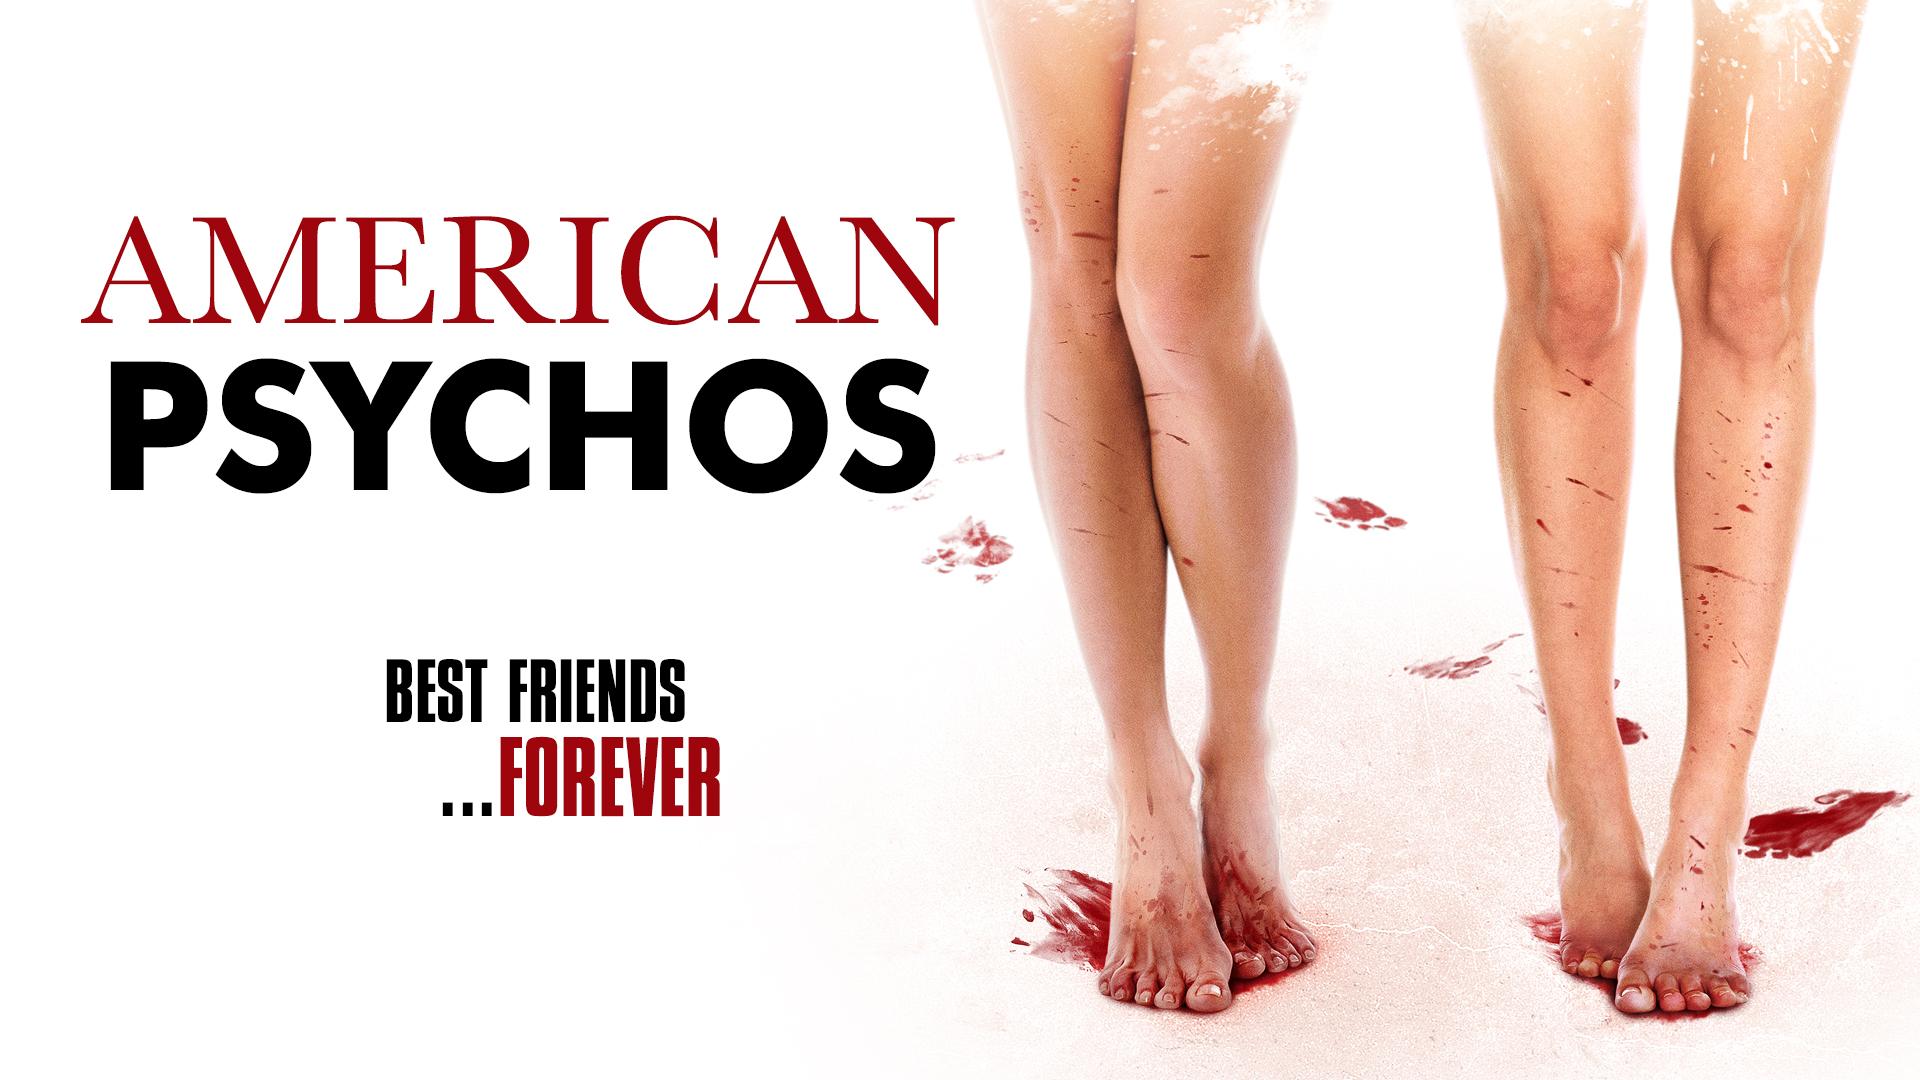 American Psychos